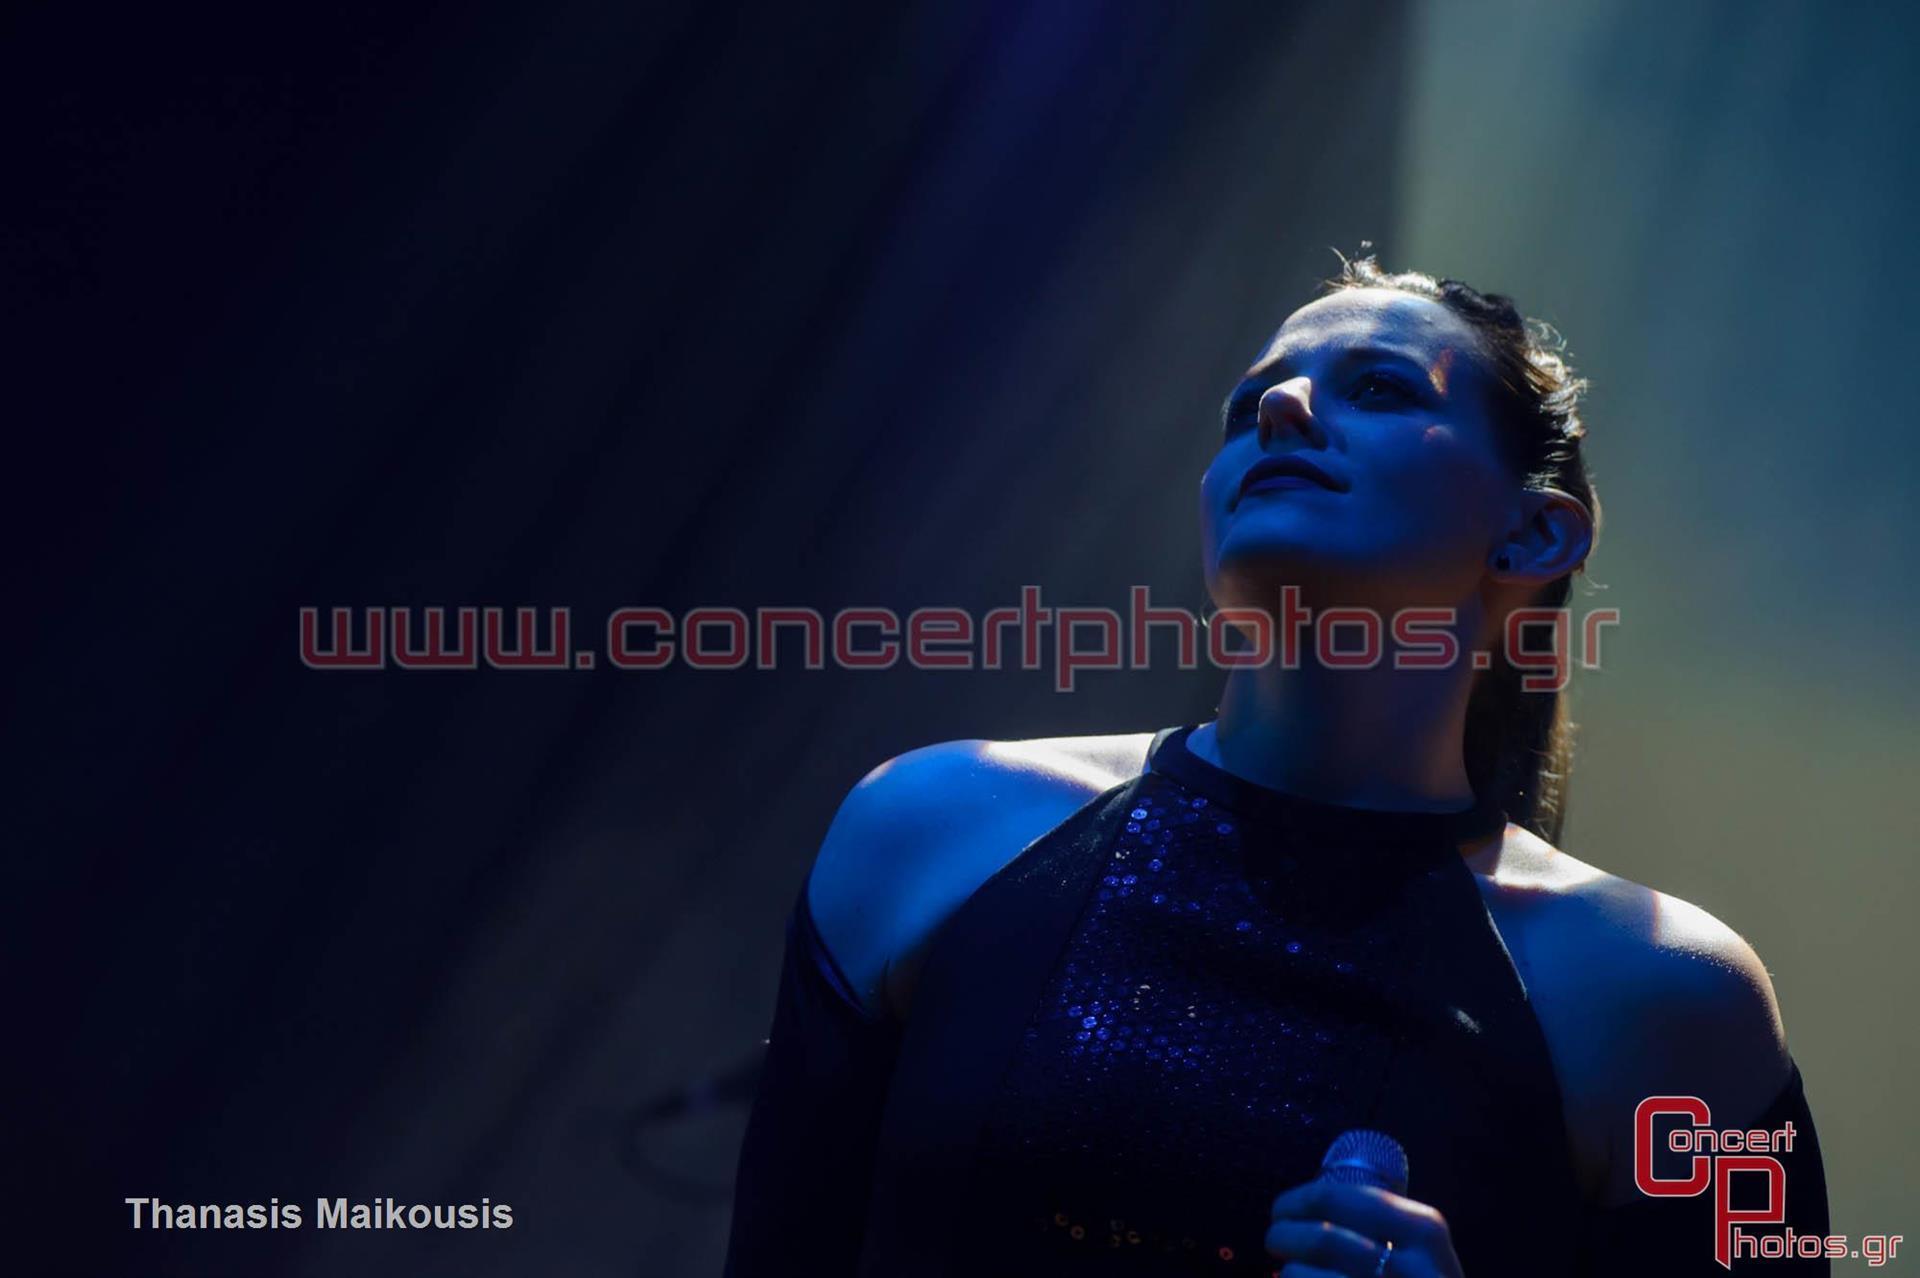 Wax Tailor - photographer: Thanasis Maikousis - ConcertPhotos-7744